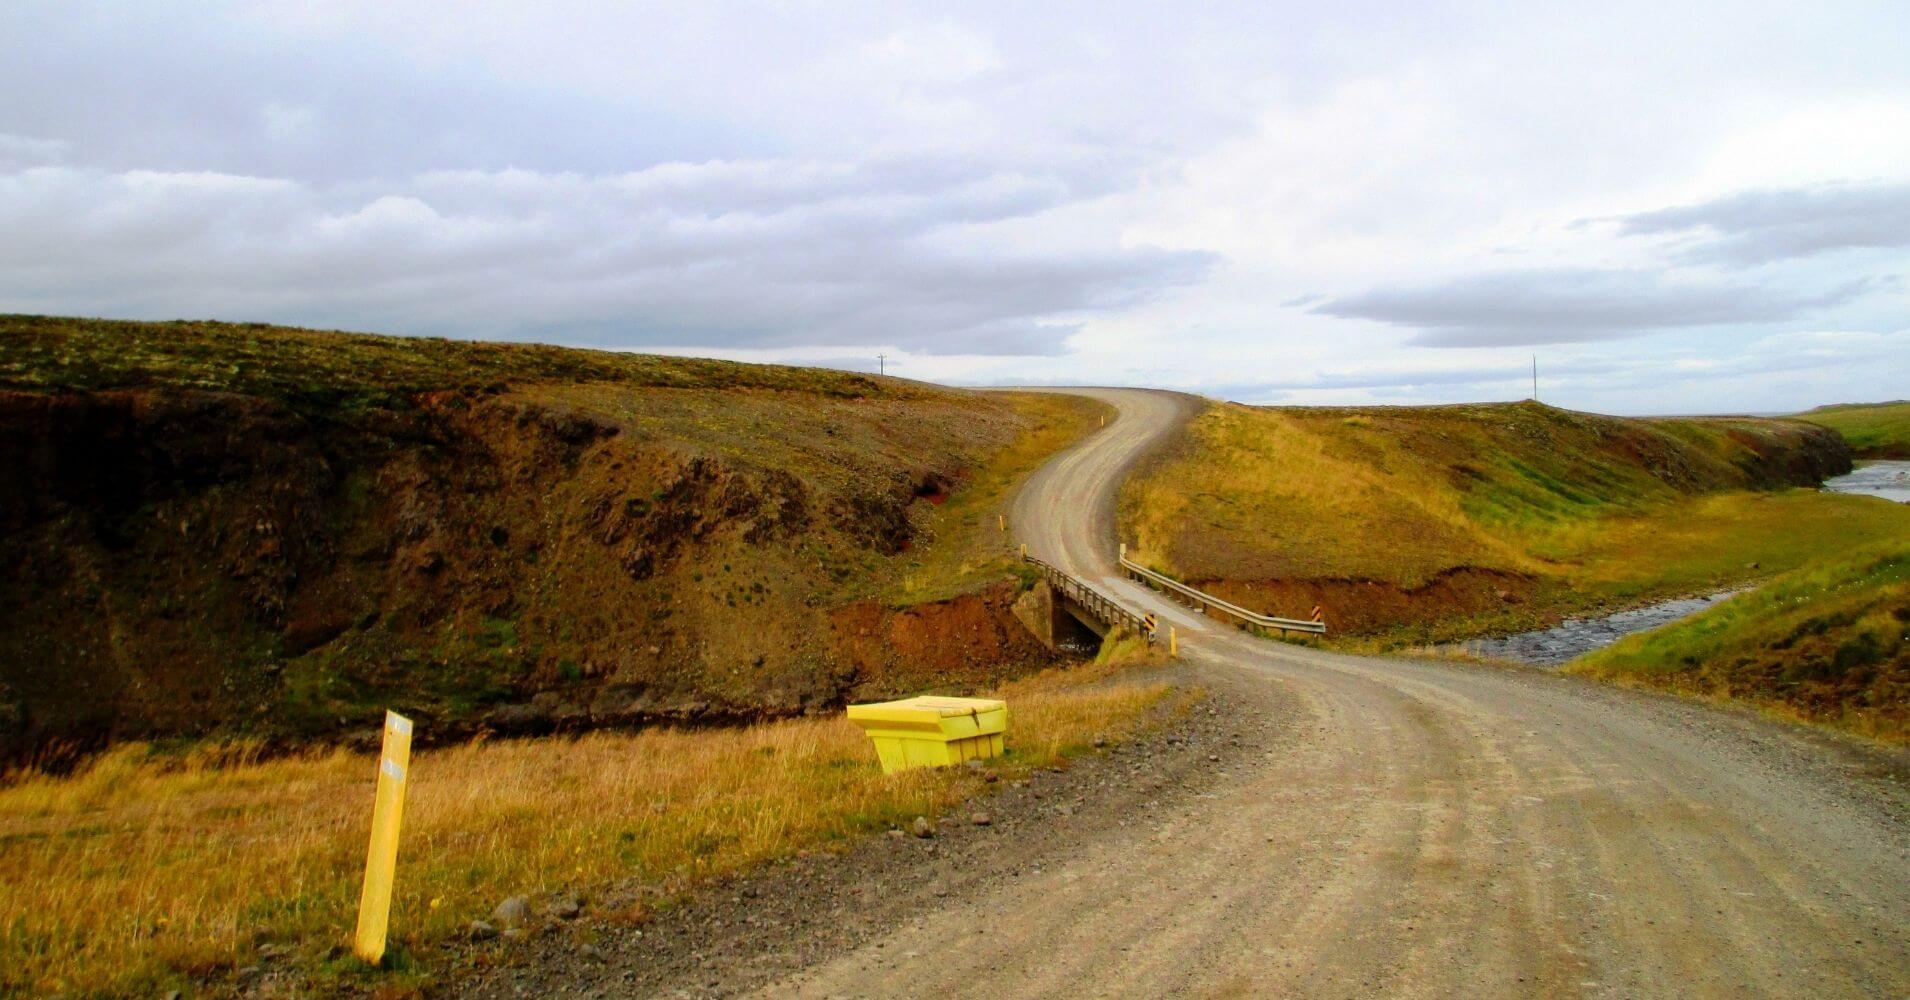 Carretera en Hvammstangi. Norðurland Vestra. Islandia.